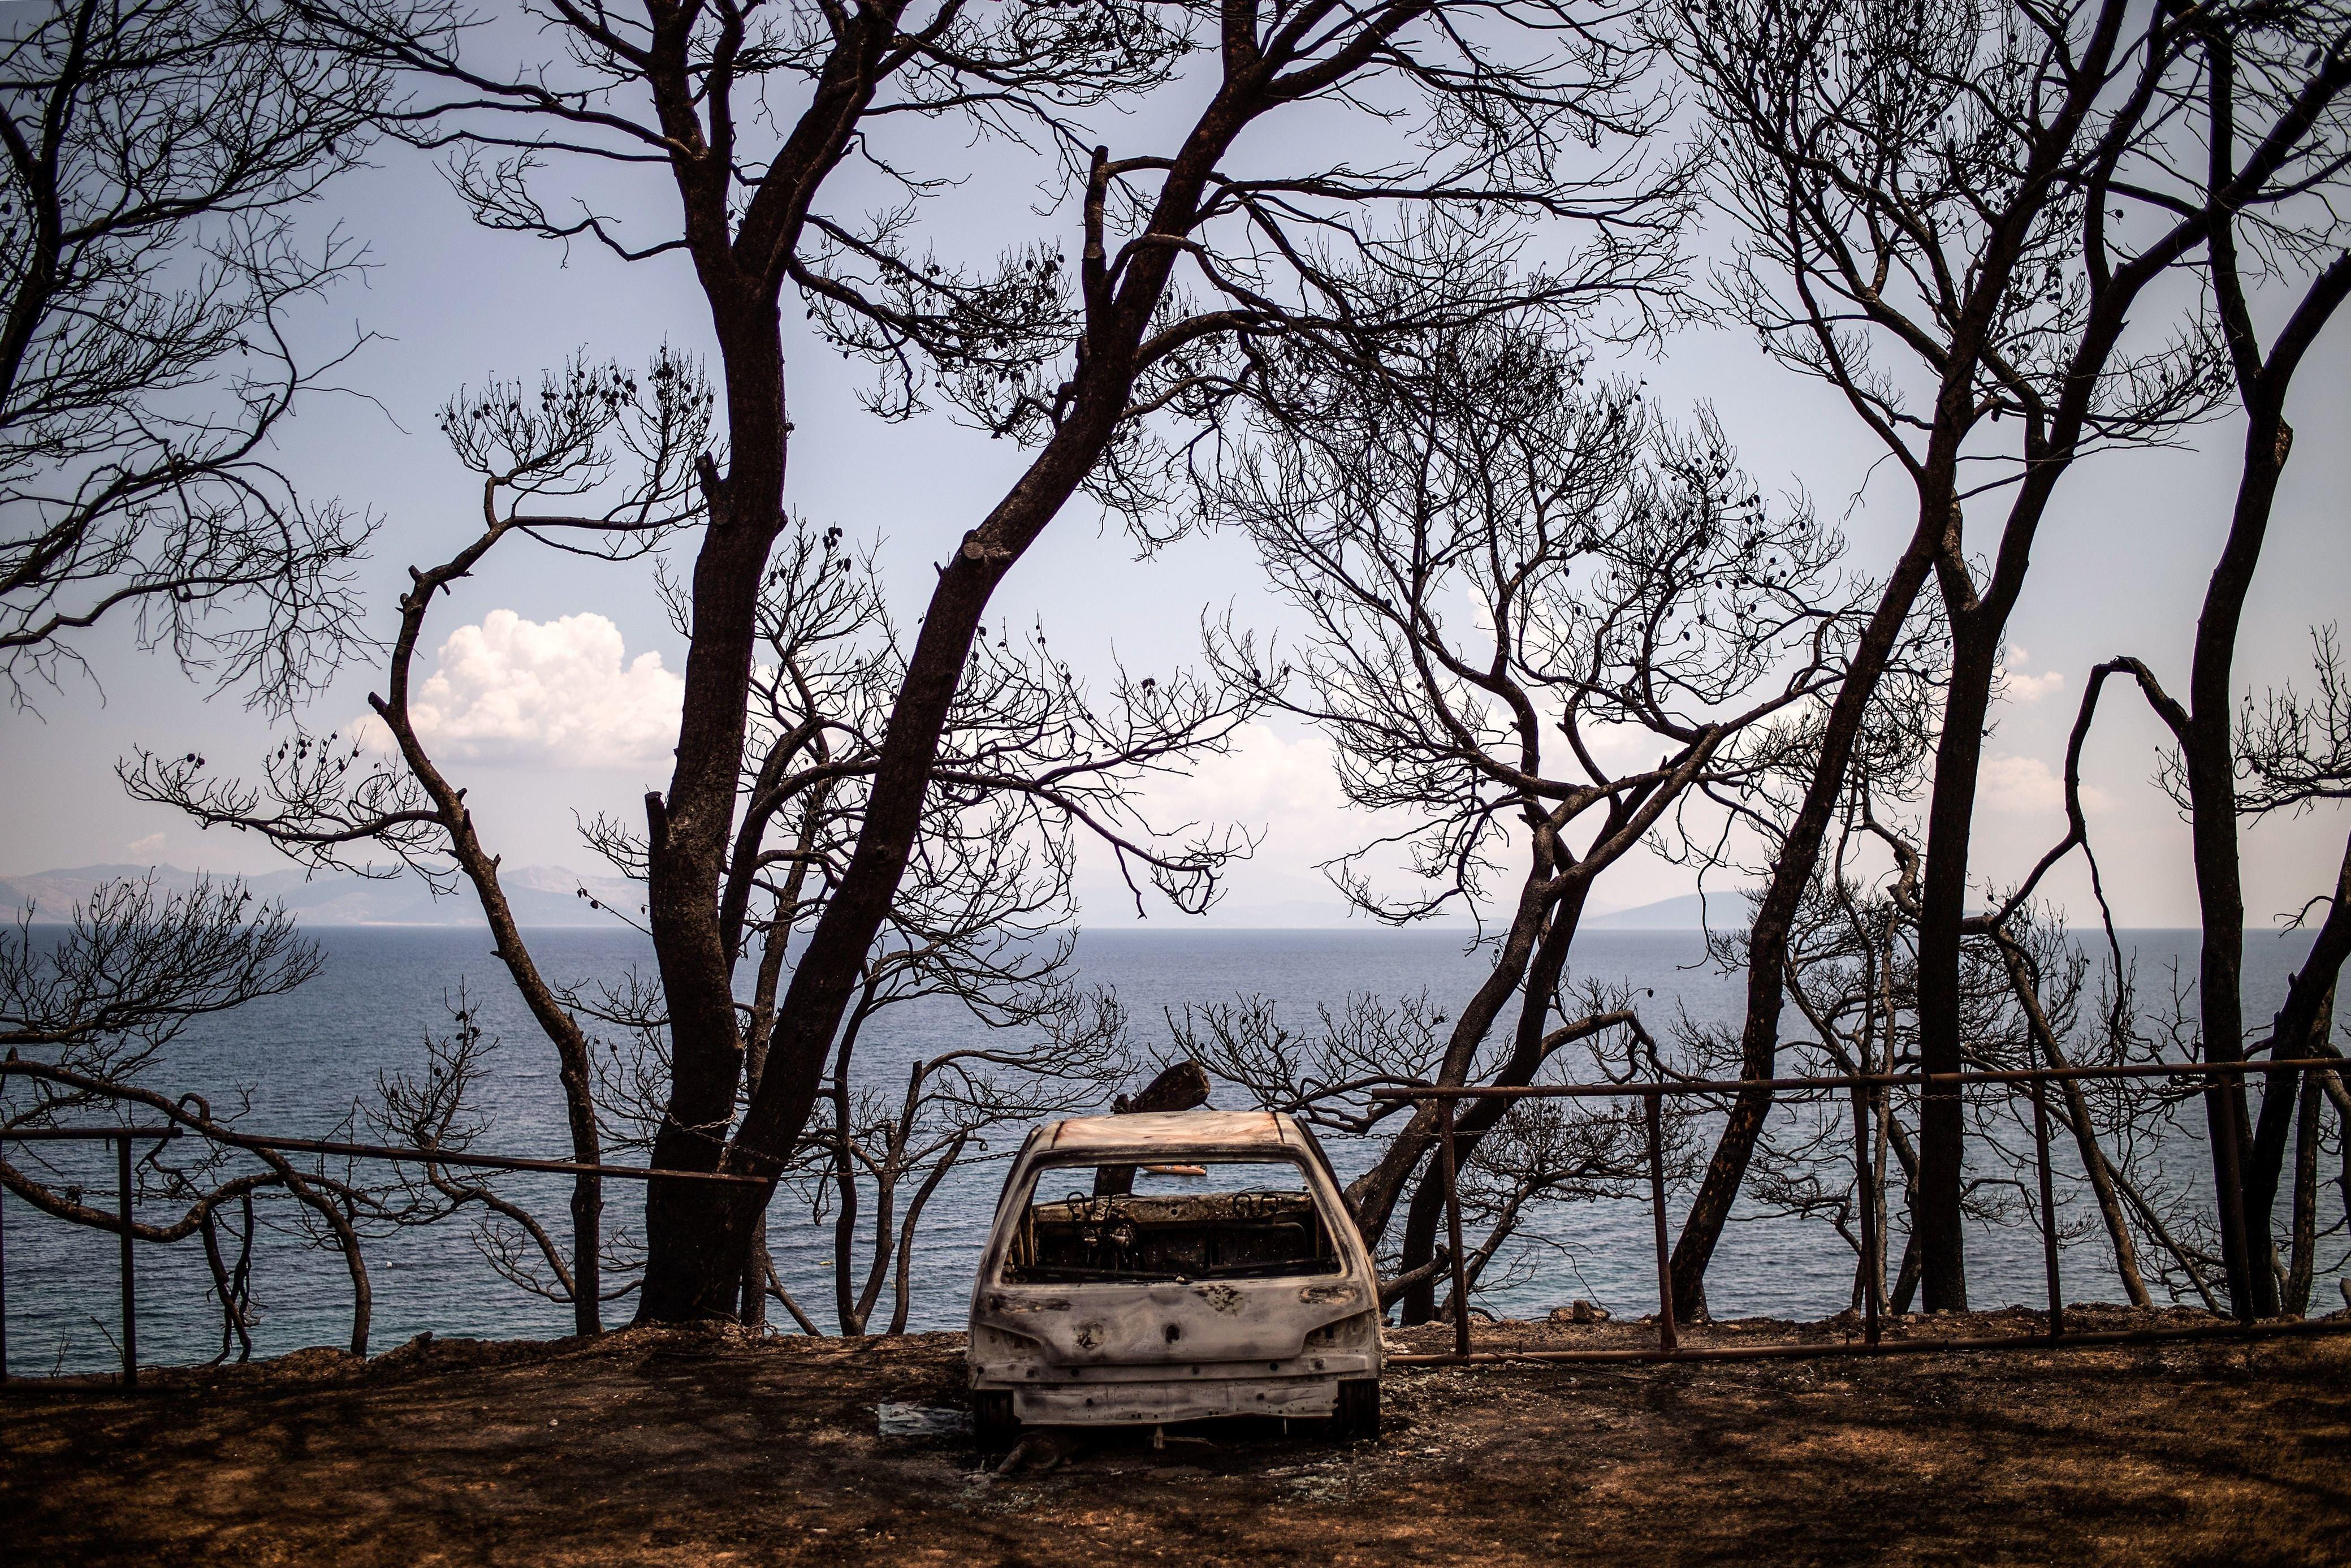 Τα 15 προκαταρκτικά συμπεράσματα για τις φωτιές στην Αττική από το Πανεπιστήμιο Αθηνών